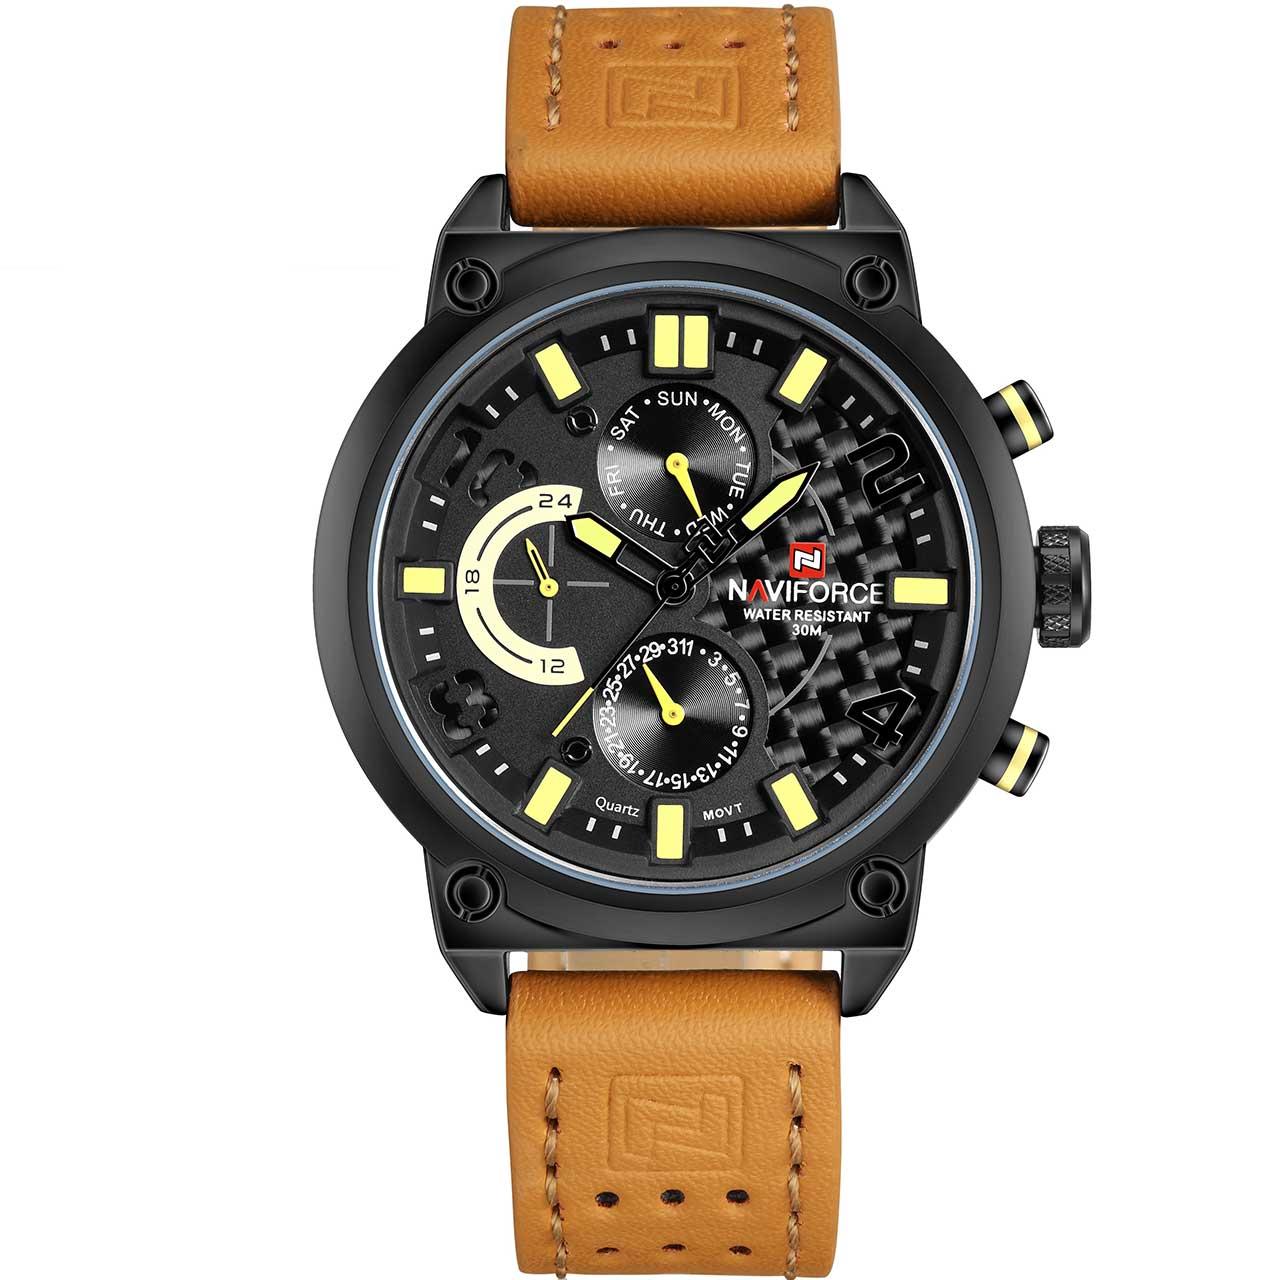 تصویر ساعت مچی عقربه ای مردانه نیوی فورس مدل NF9068LBYBN